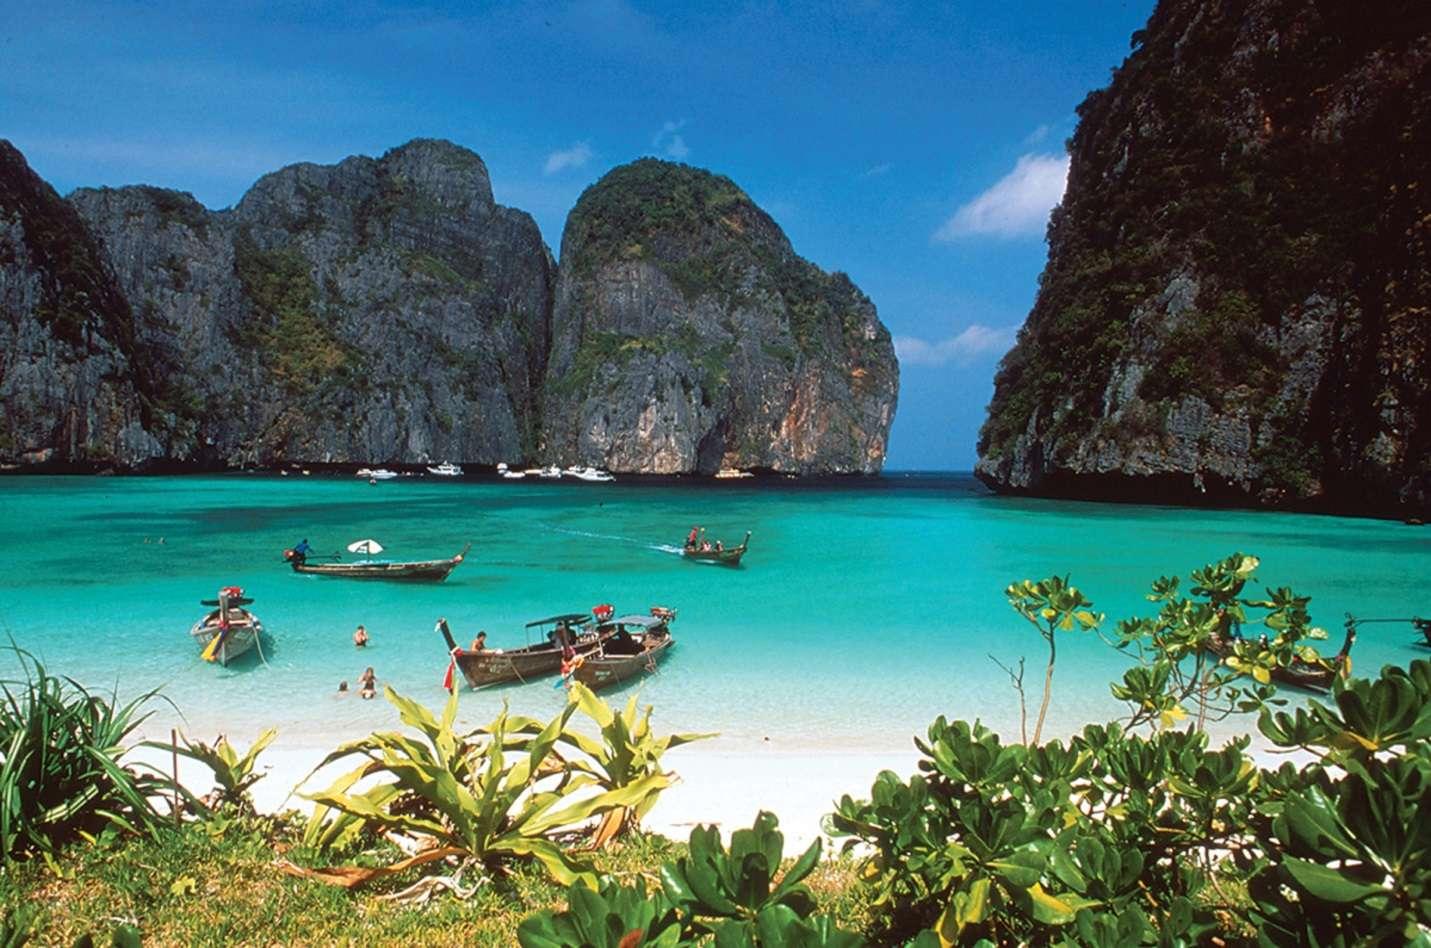 Phuket cuốn hút du khách bởi vẻ đẹp thơ mộng của biển và nhiều hoạt động sôi nổi về đêm